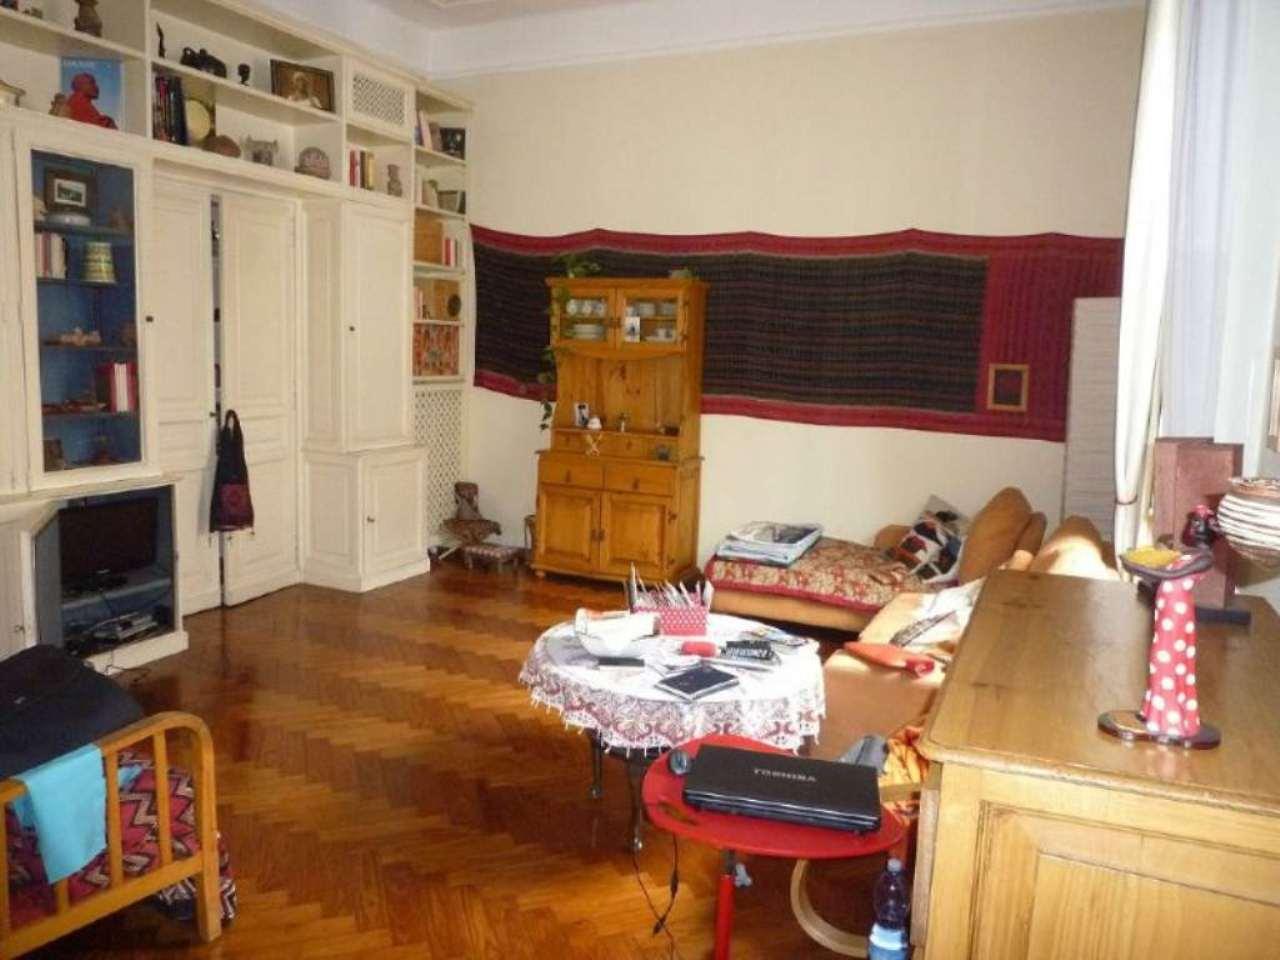 Appartamento in vendita a Milano, 3 locali, zona Zona: 15 . Fiera, Firenze, Sempione, Pagano, Amendola, Paolo Sarpi, Arena, prezzo € 950.000   CambioCasa.it